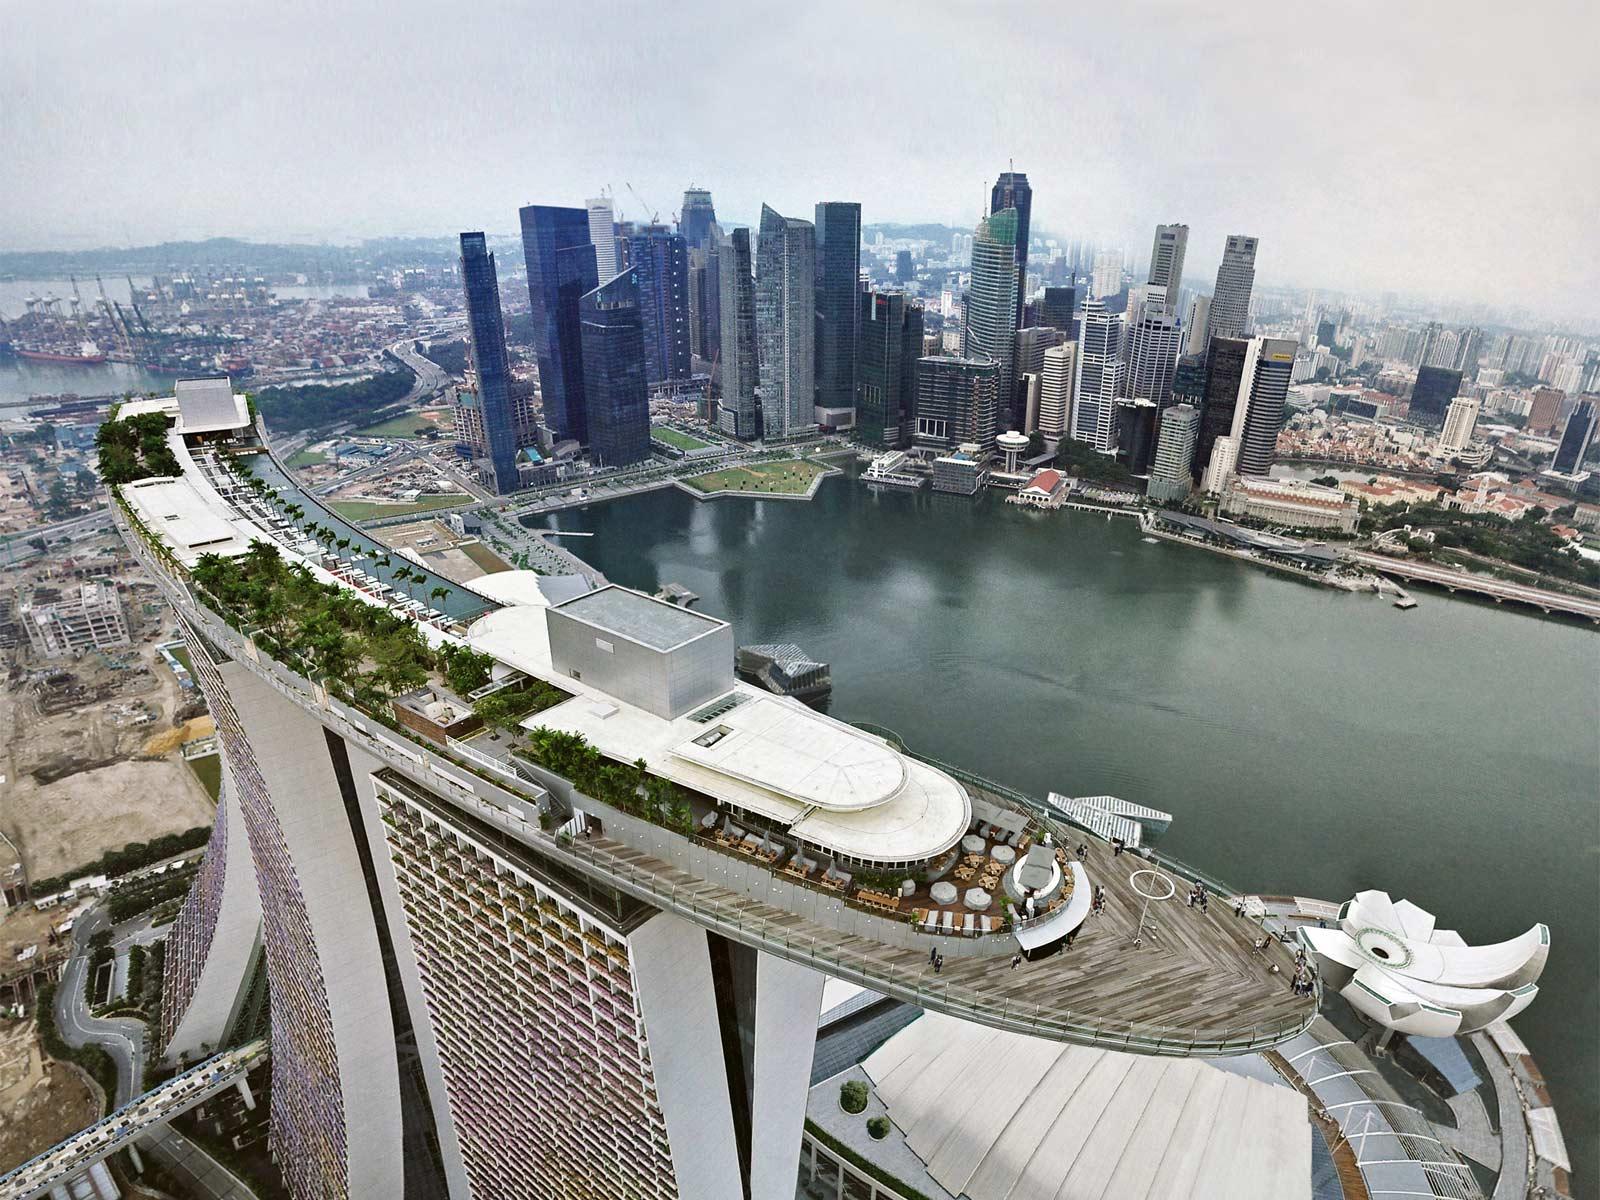 Marina bay sands resort e la piscina pi alta del mondo by - Albergo a singapore con piscina sul tetto ...